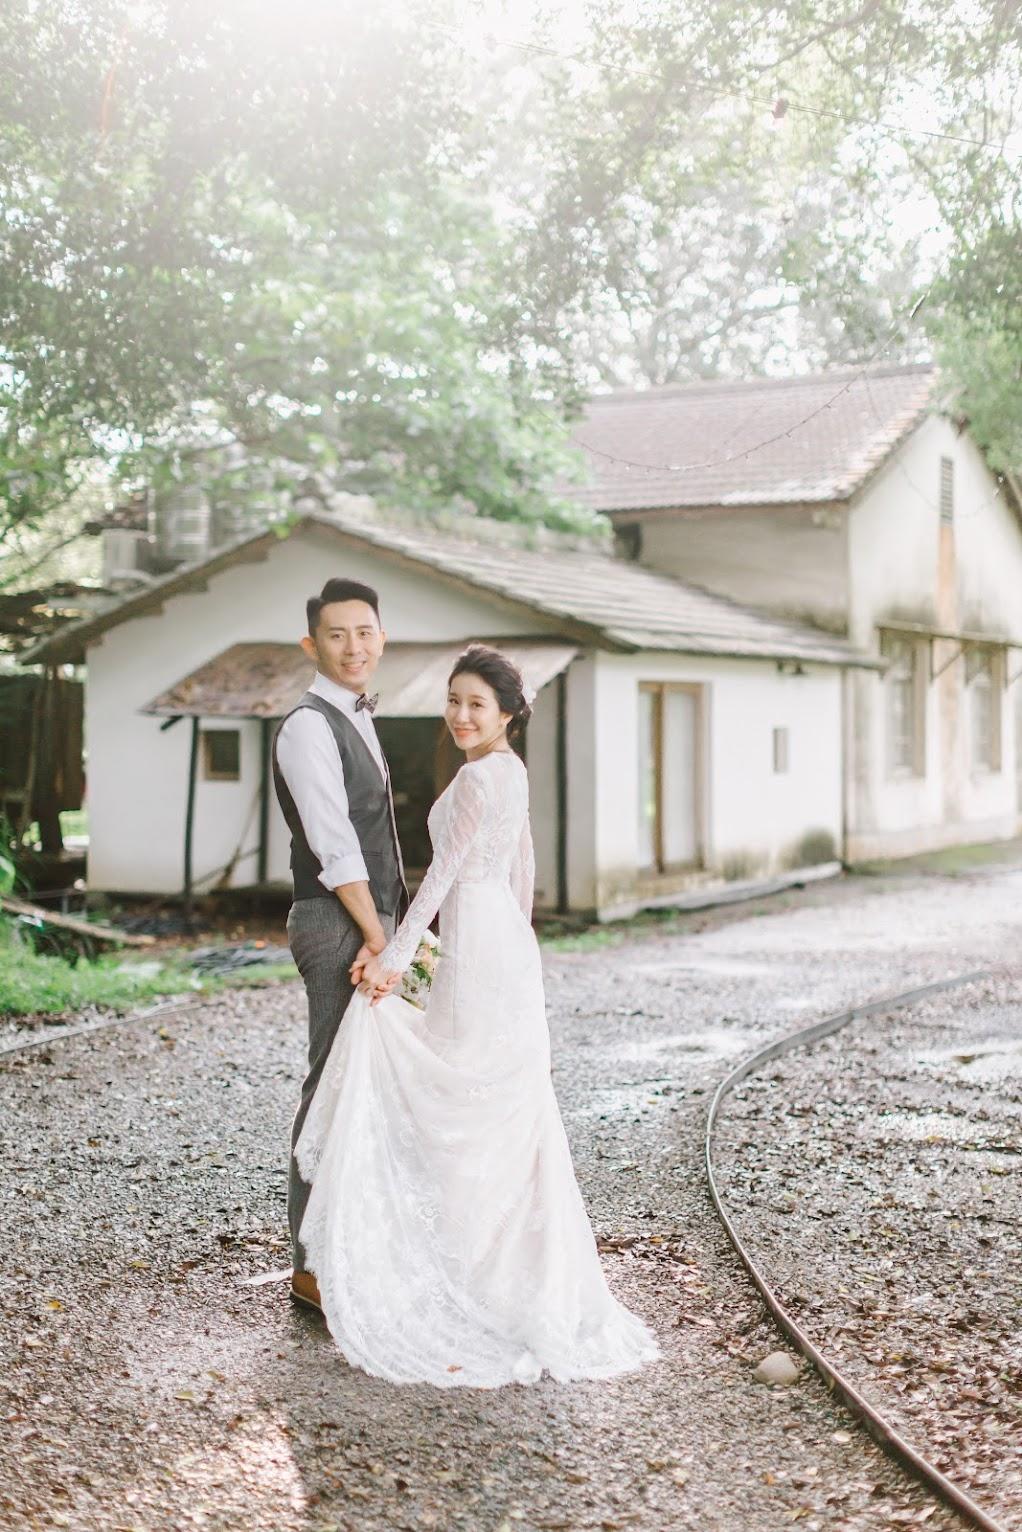 台中美式自助婚紗外拍攝景點-顏氏牧場